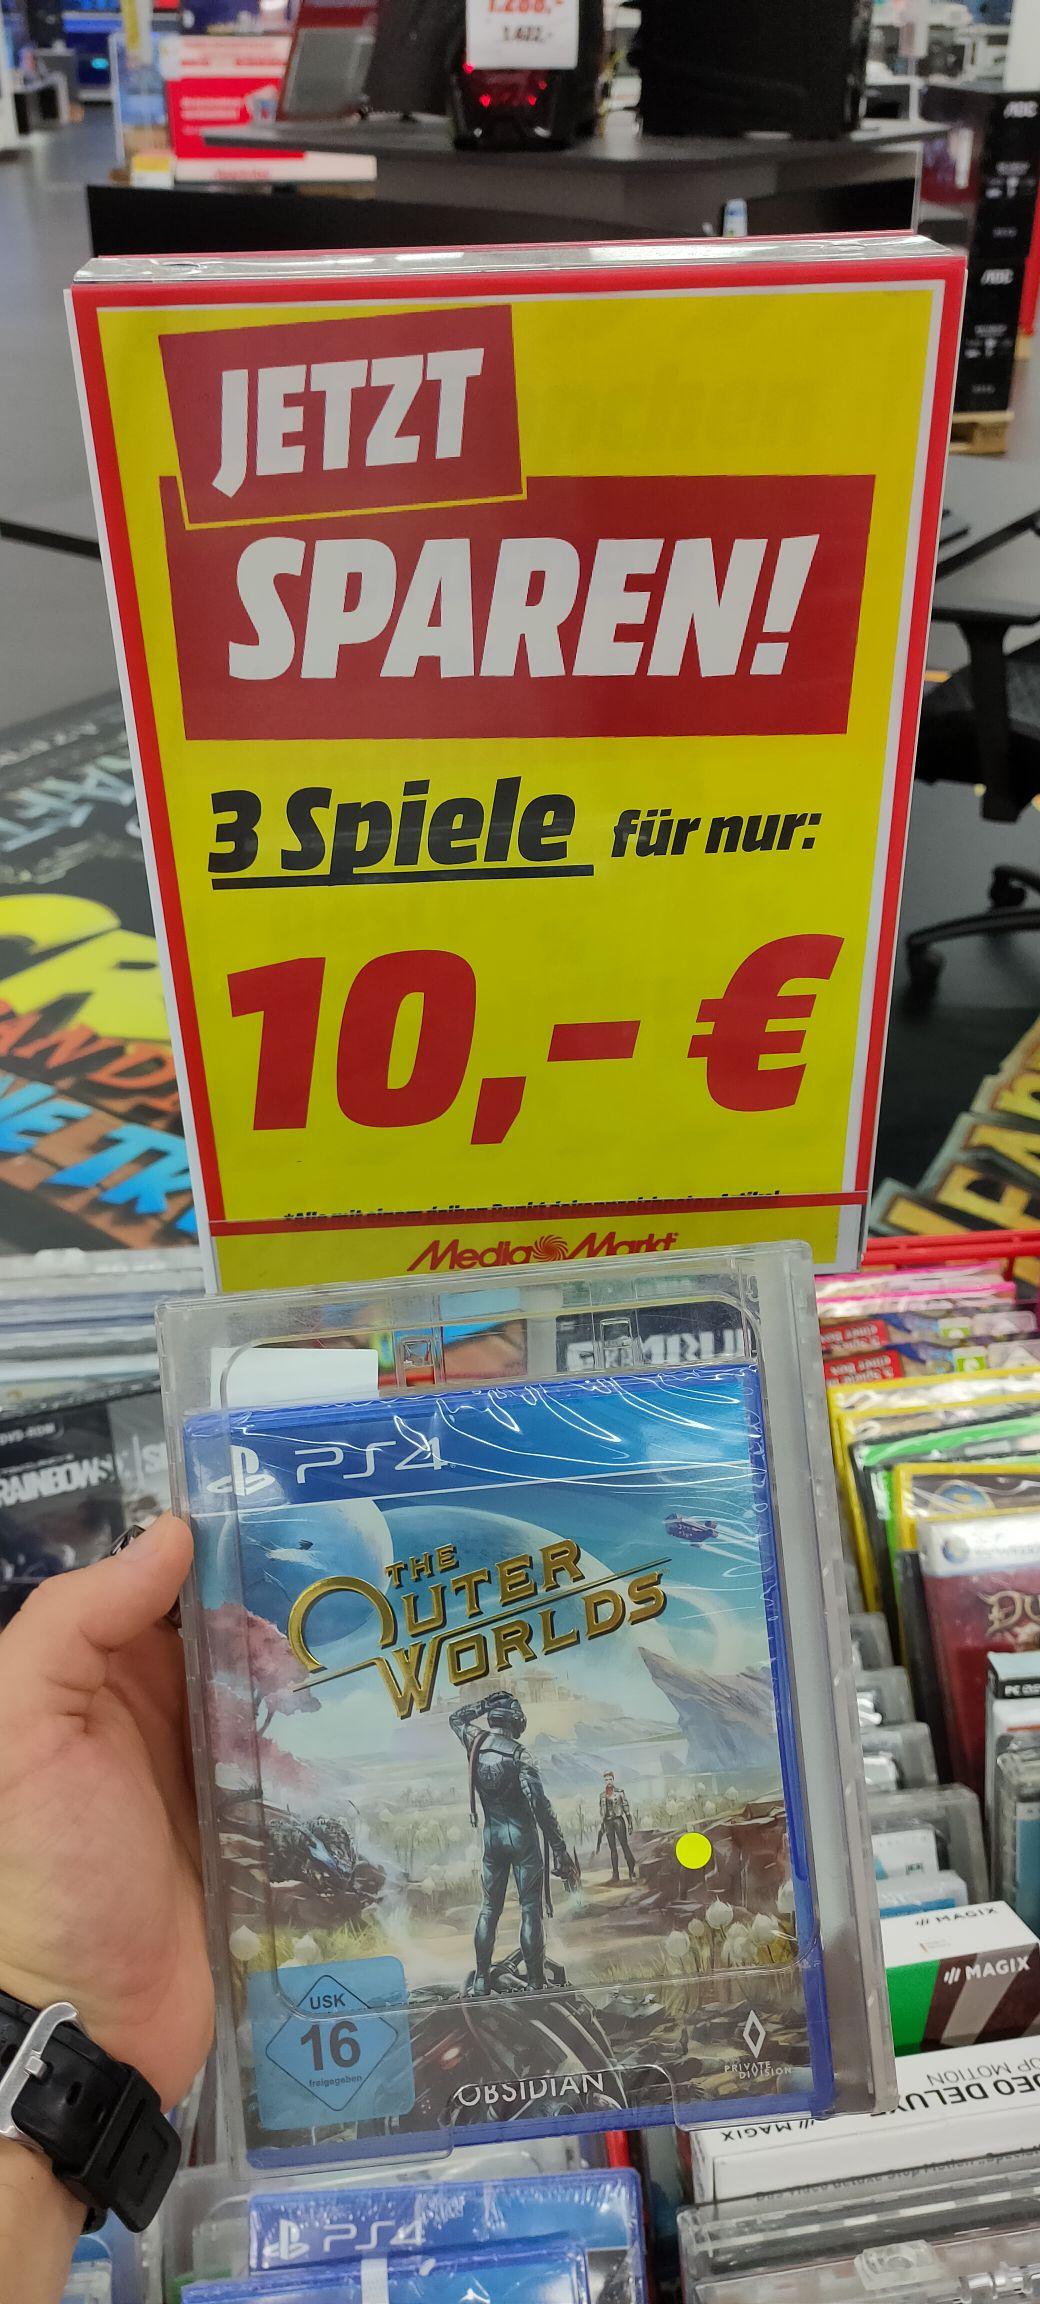 PS4/XBOX 3 Spiele für 10€ Mediamarkt Köln Chorweiler